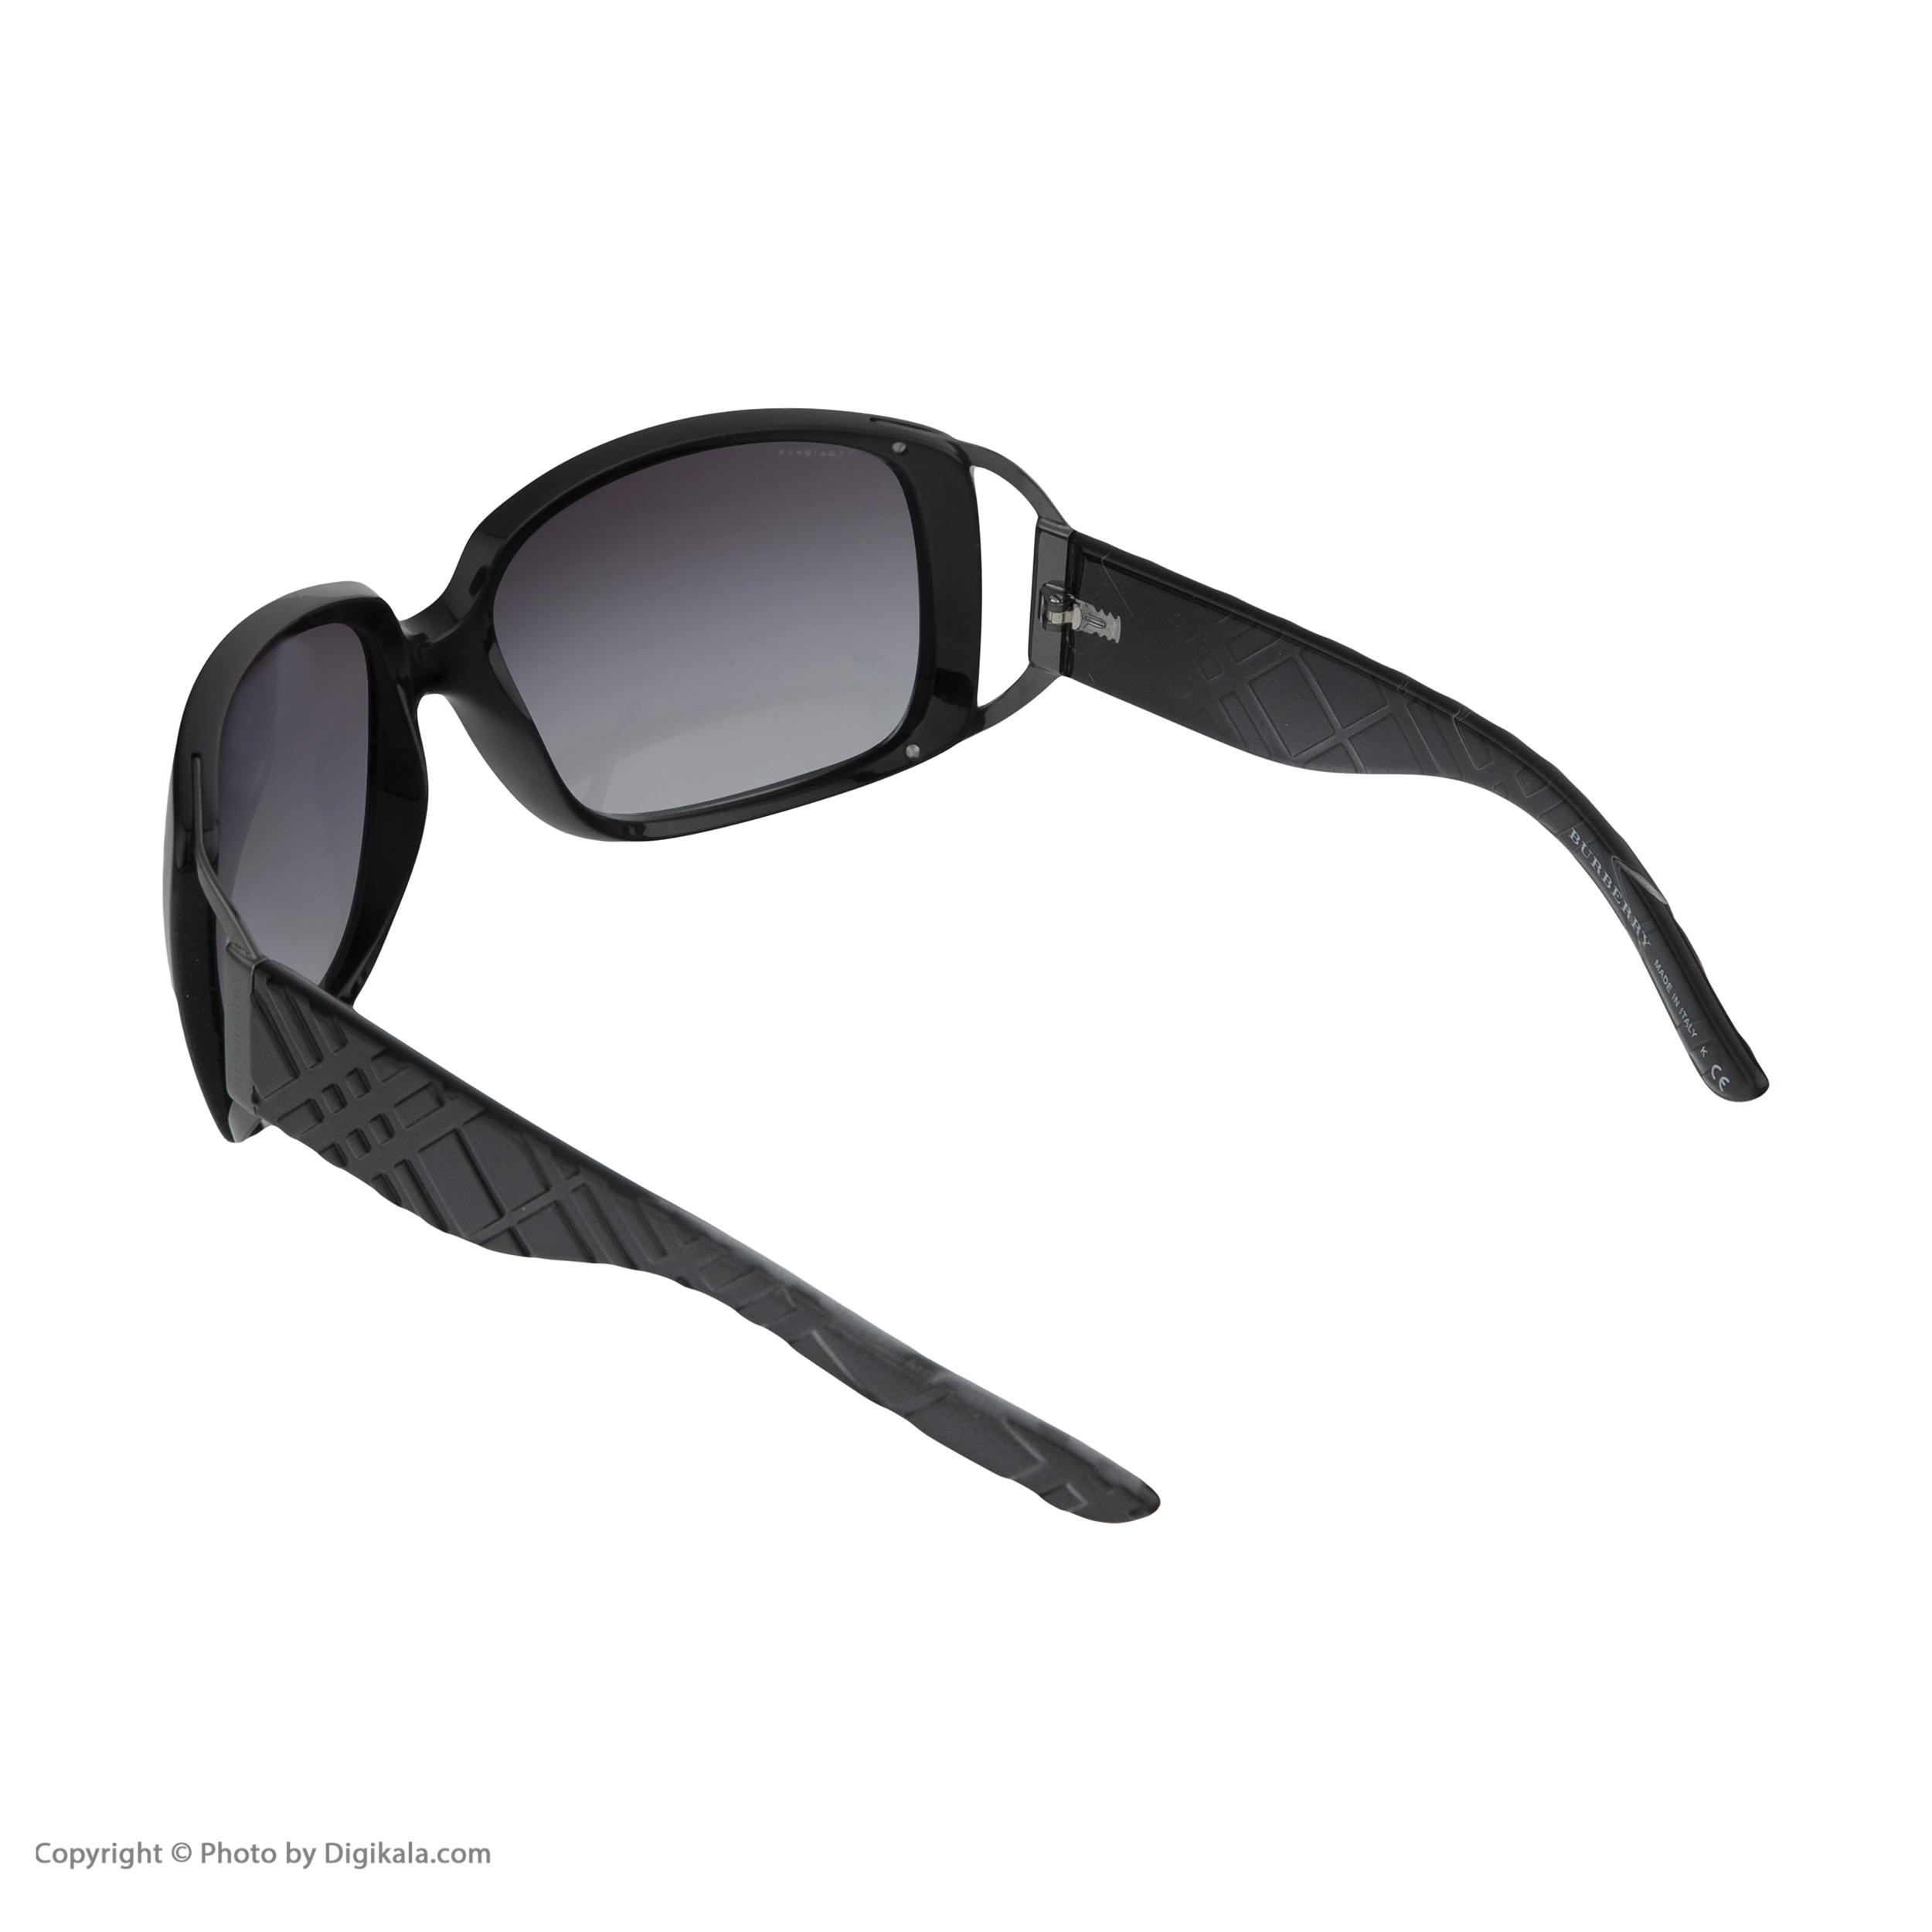 عینک آفتابی زنانه بربری مدل BE 4070S 300111 61 -  - 5